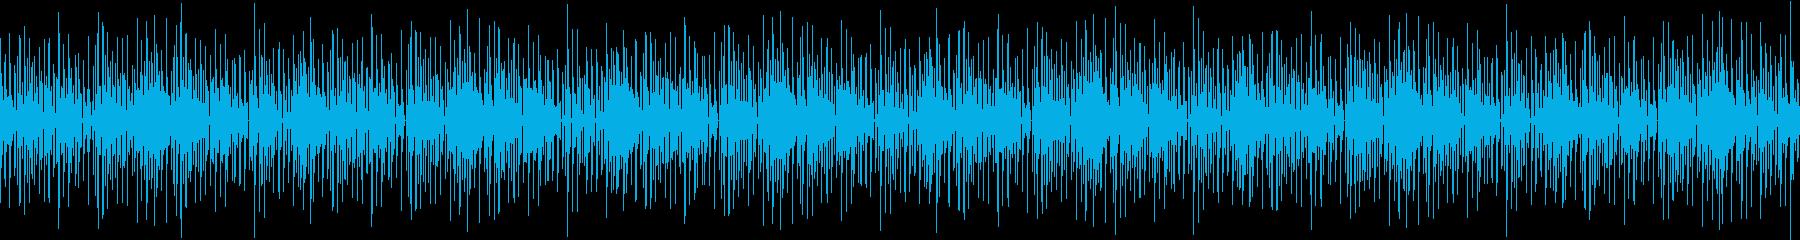 ゆっくりとしたエレクトロBGMの再生済みの波形